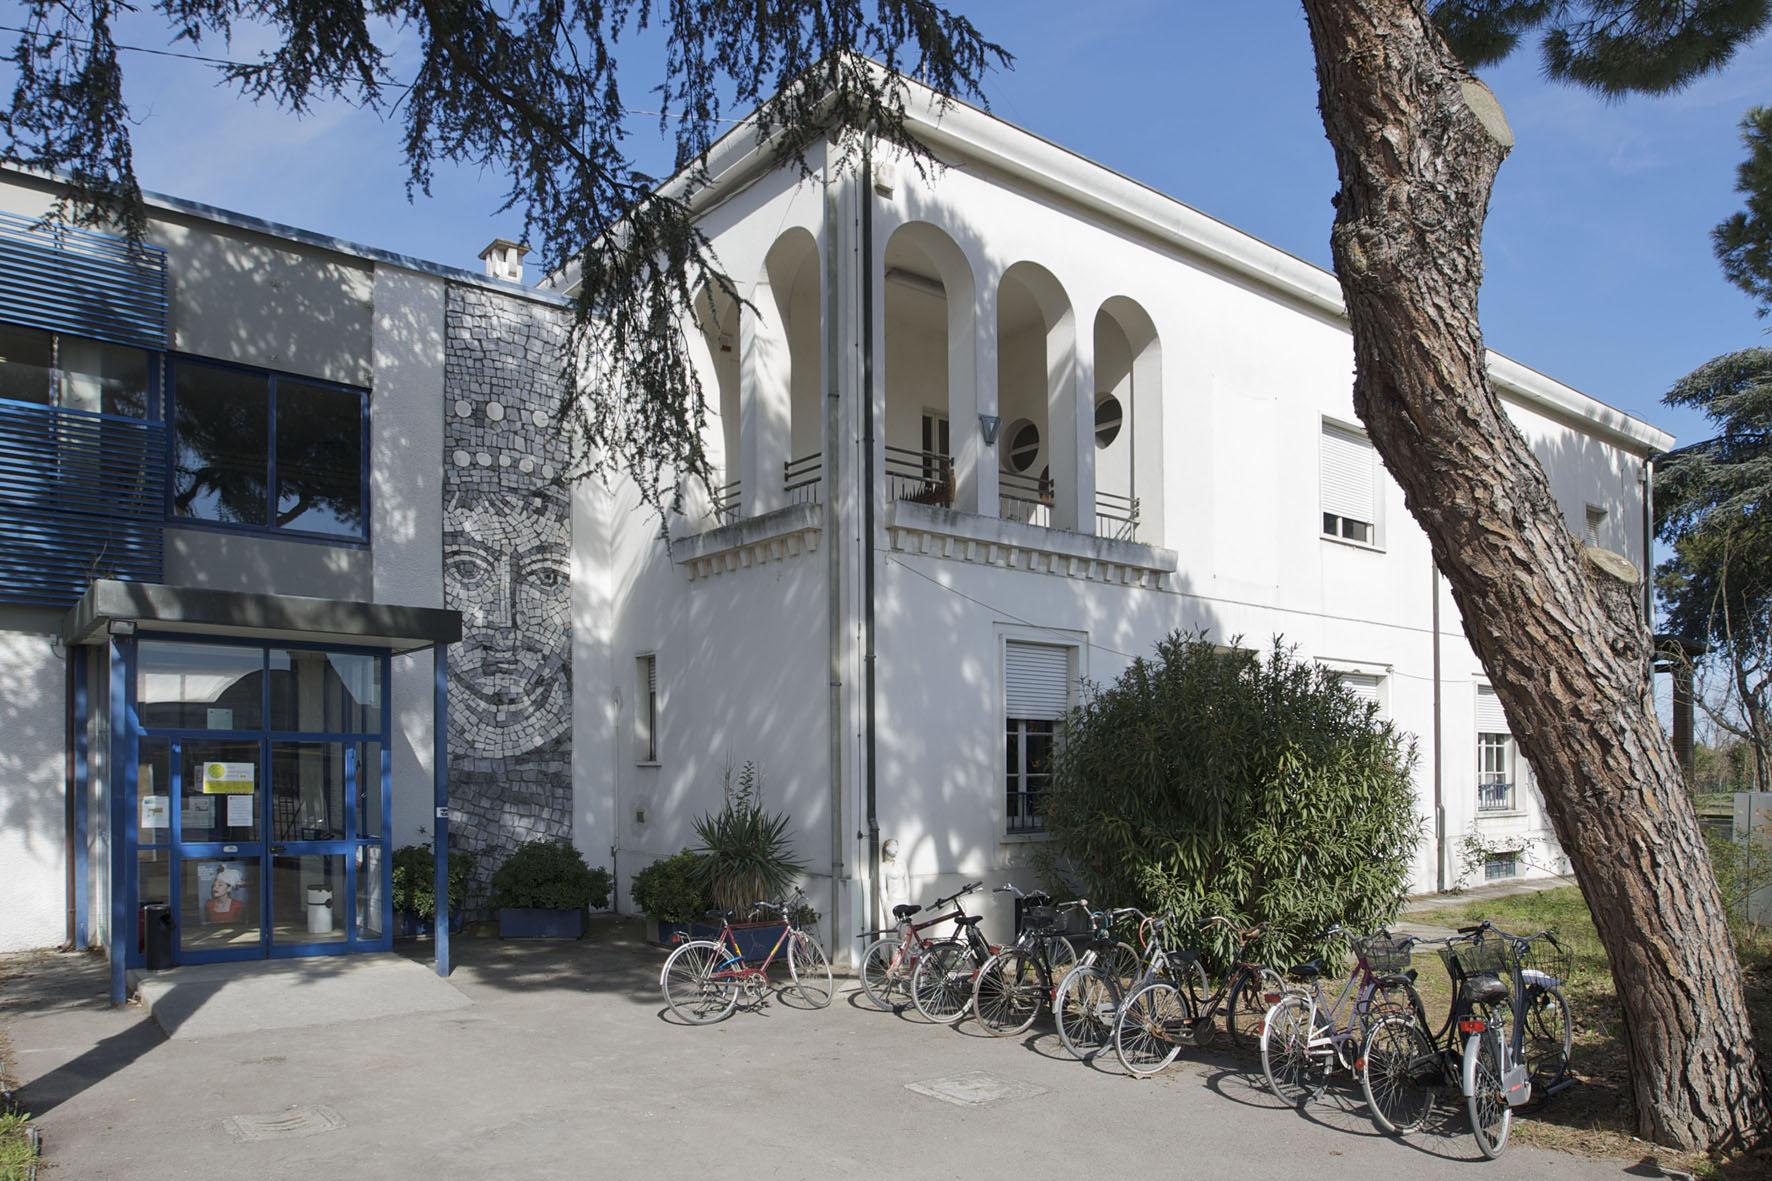 Accademia di belle arti di ravenna via delle industrie 76 for Accademia belle arti design